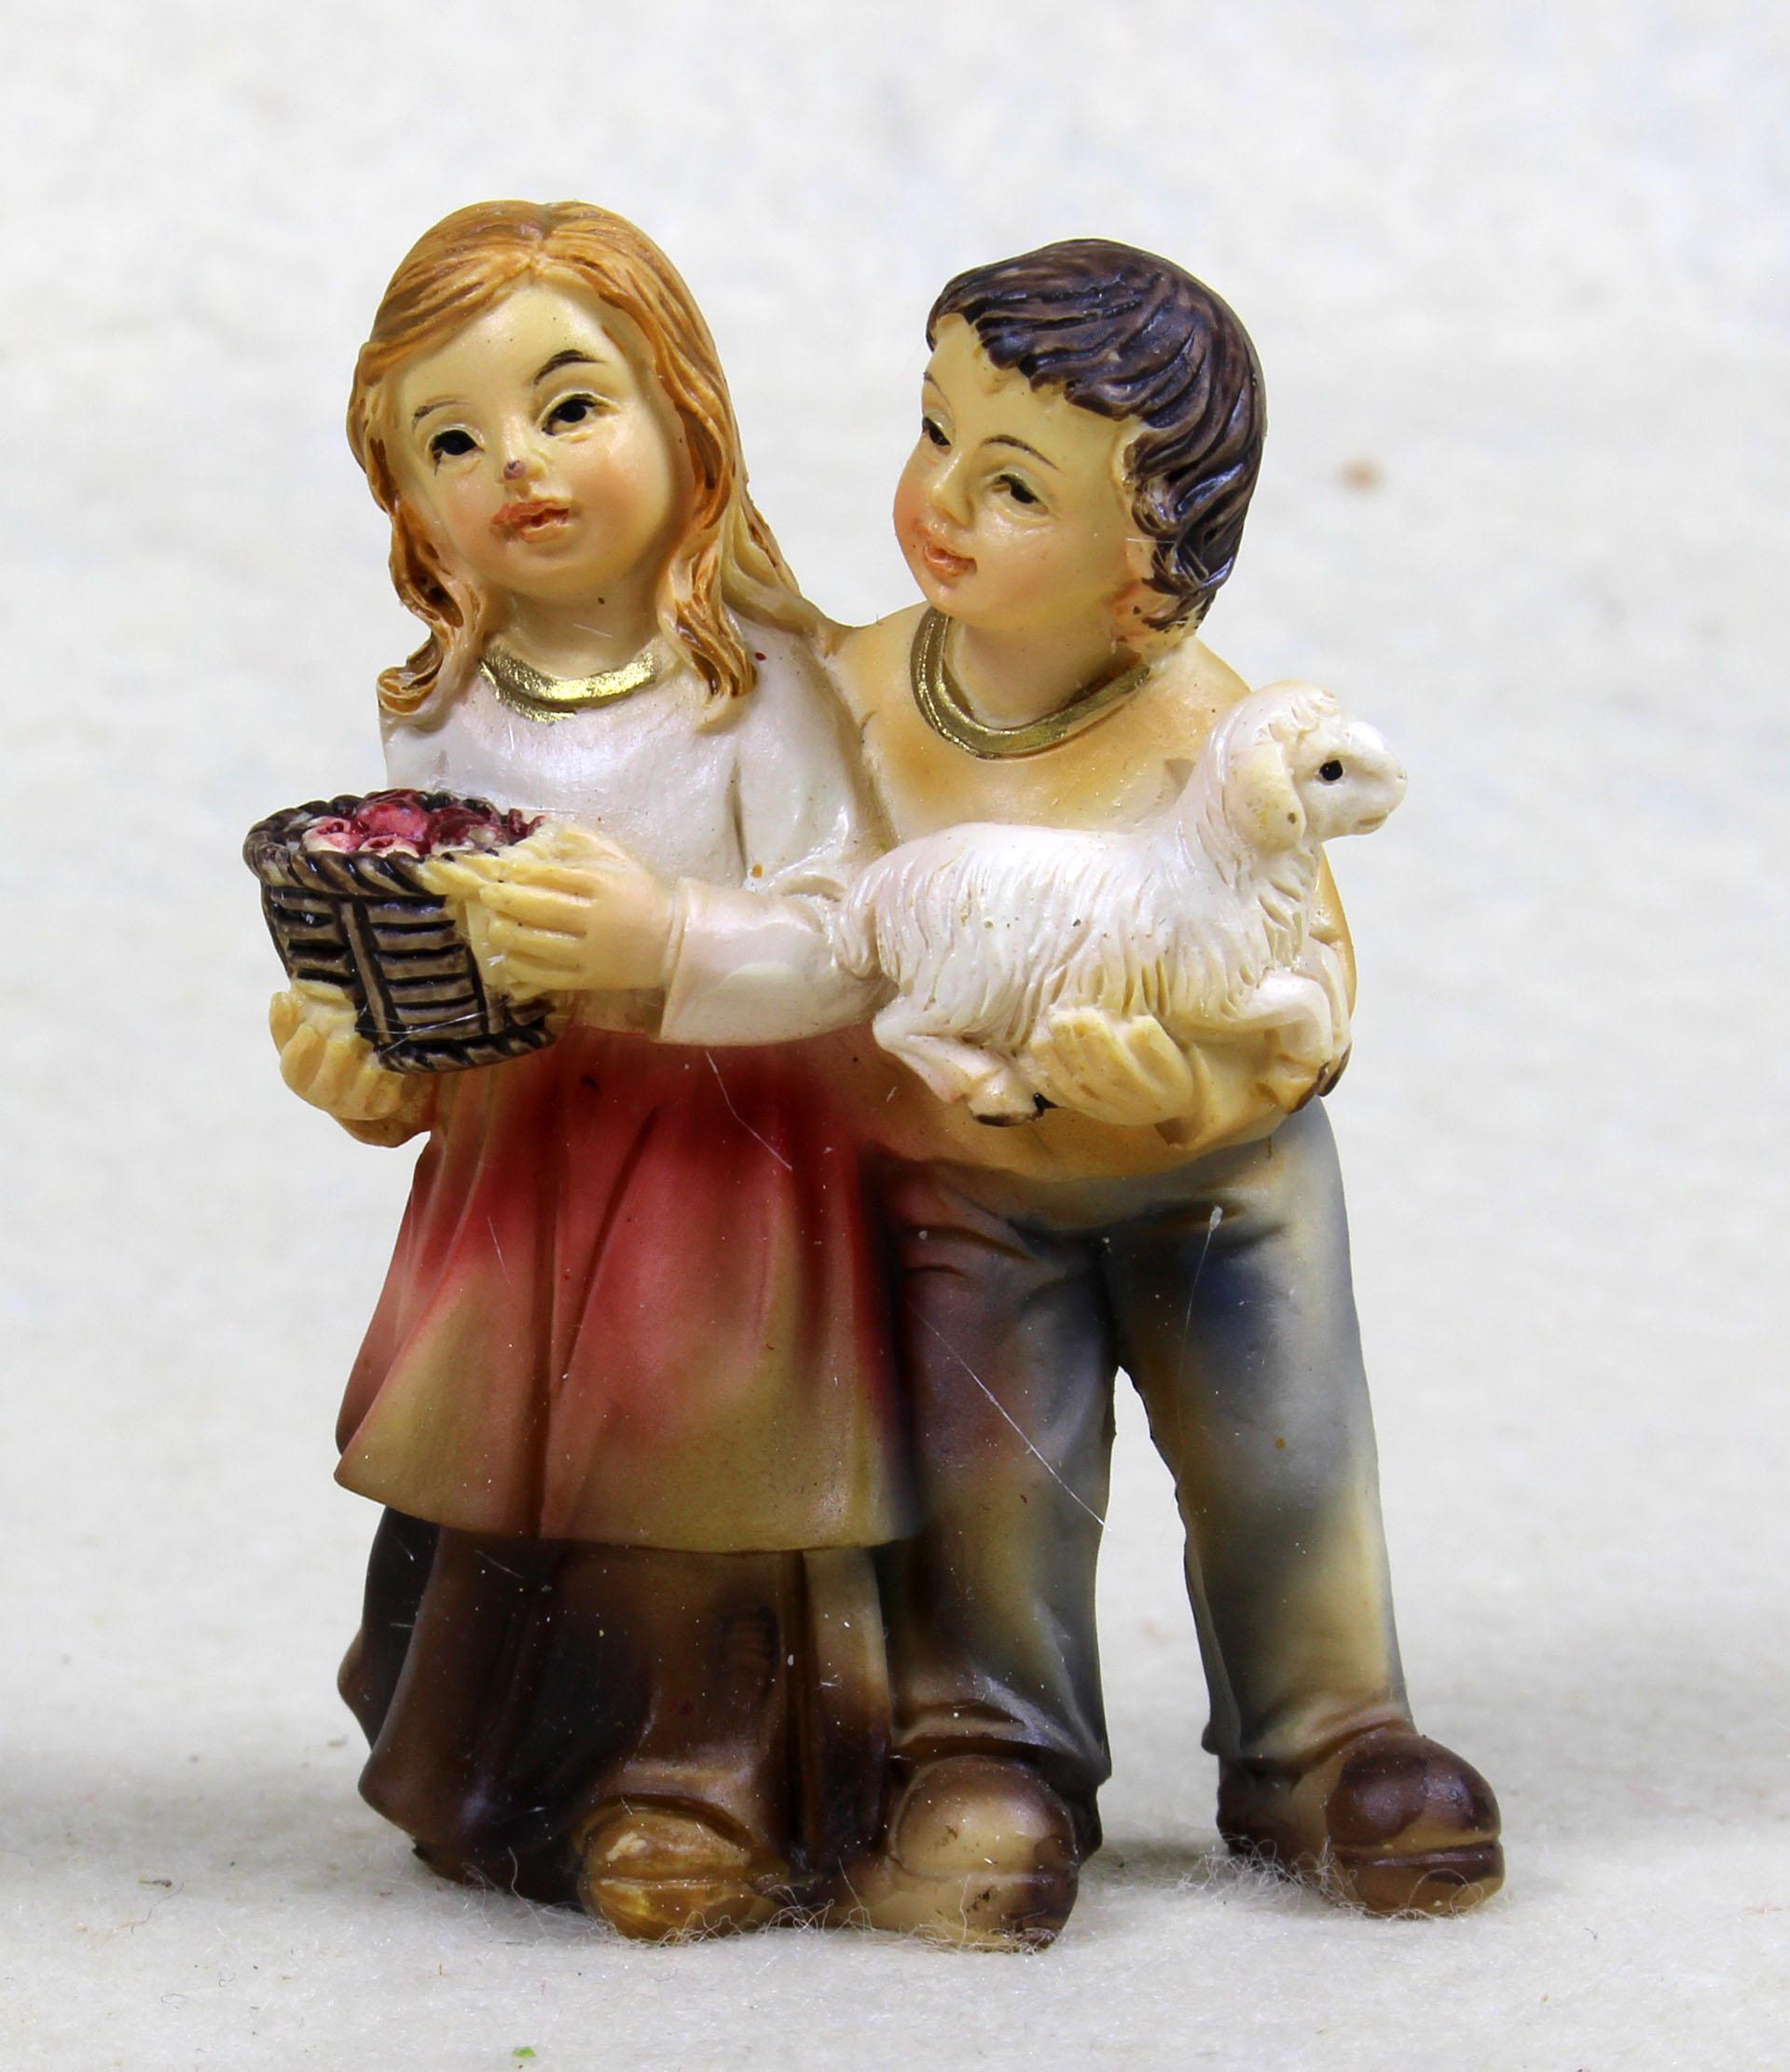 Junge und Mädchen mit Lamm und Obstkorb, für 10-11cm Figuren